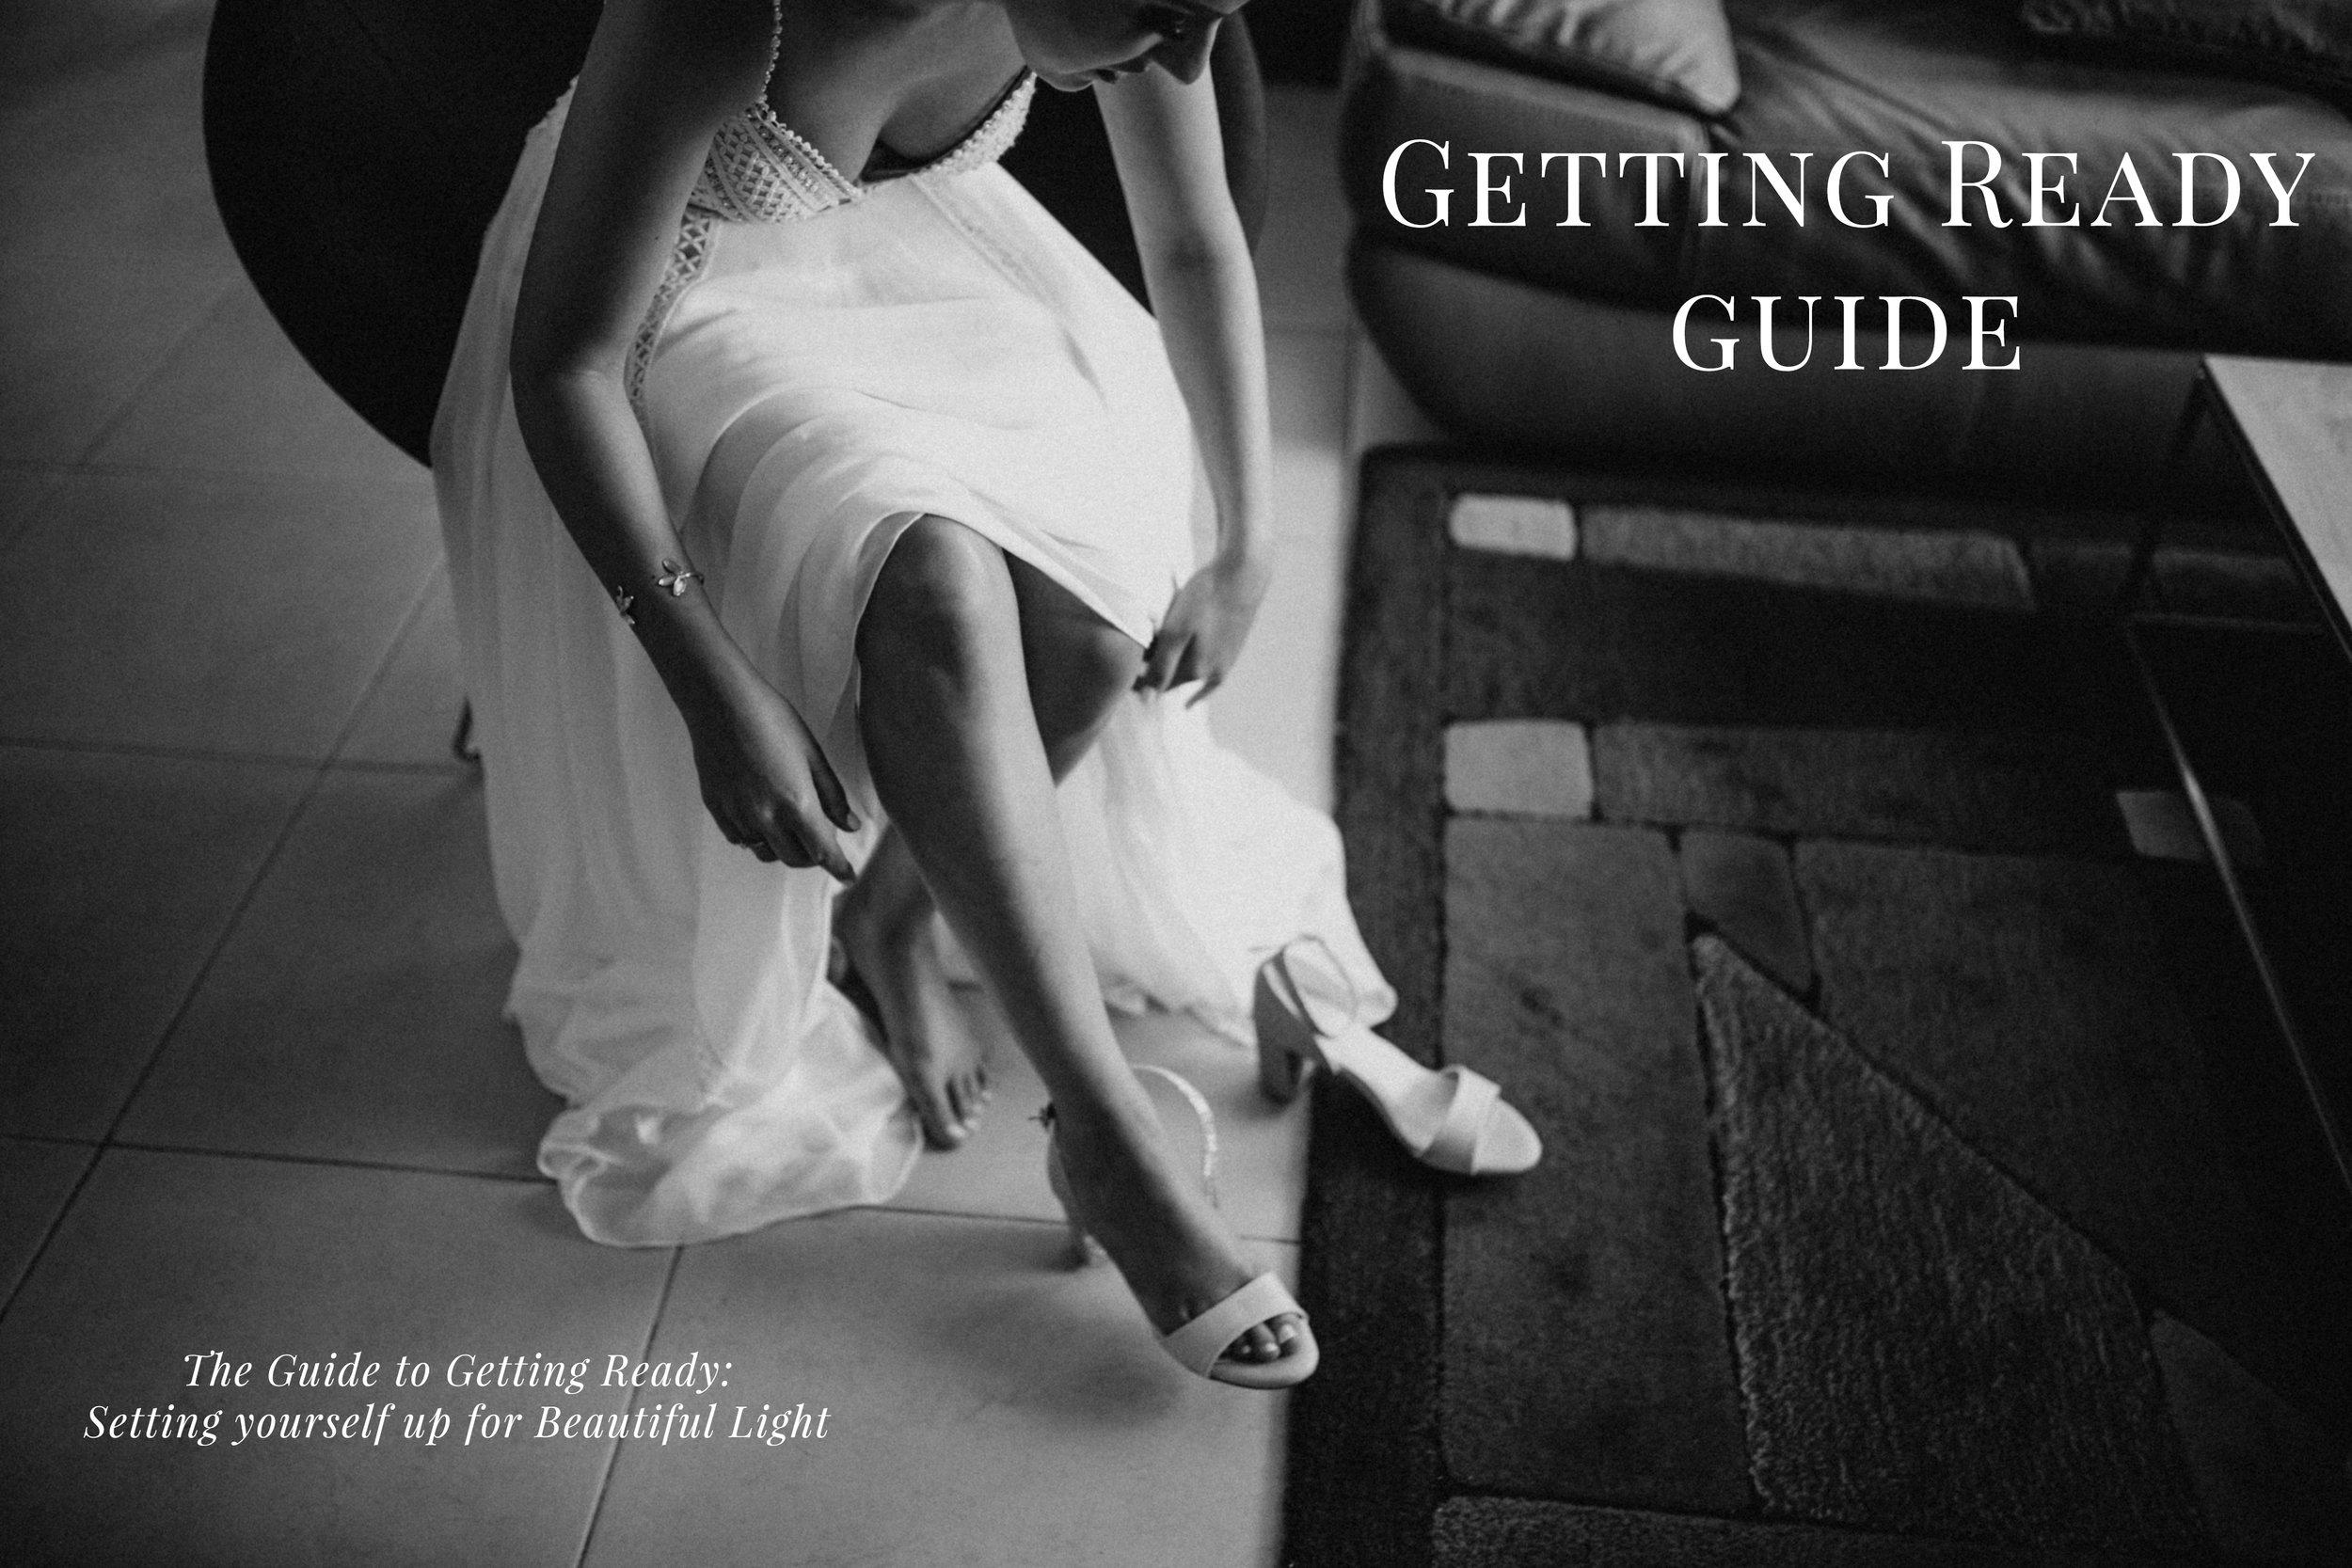 מדריך התארגנות ליום החתונה